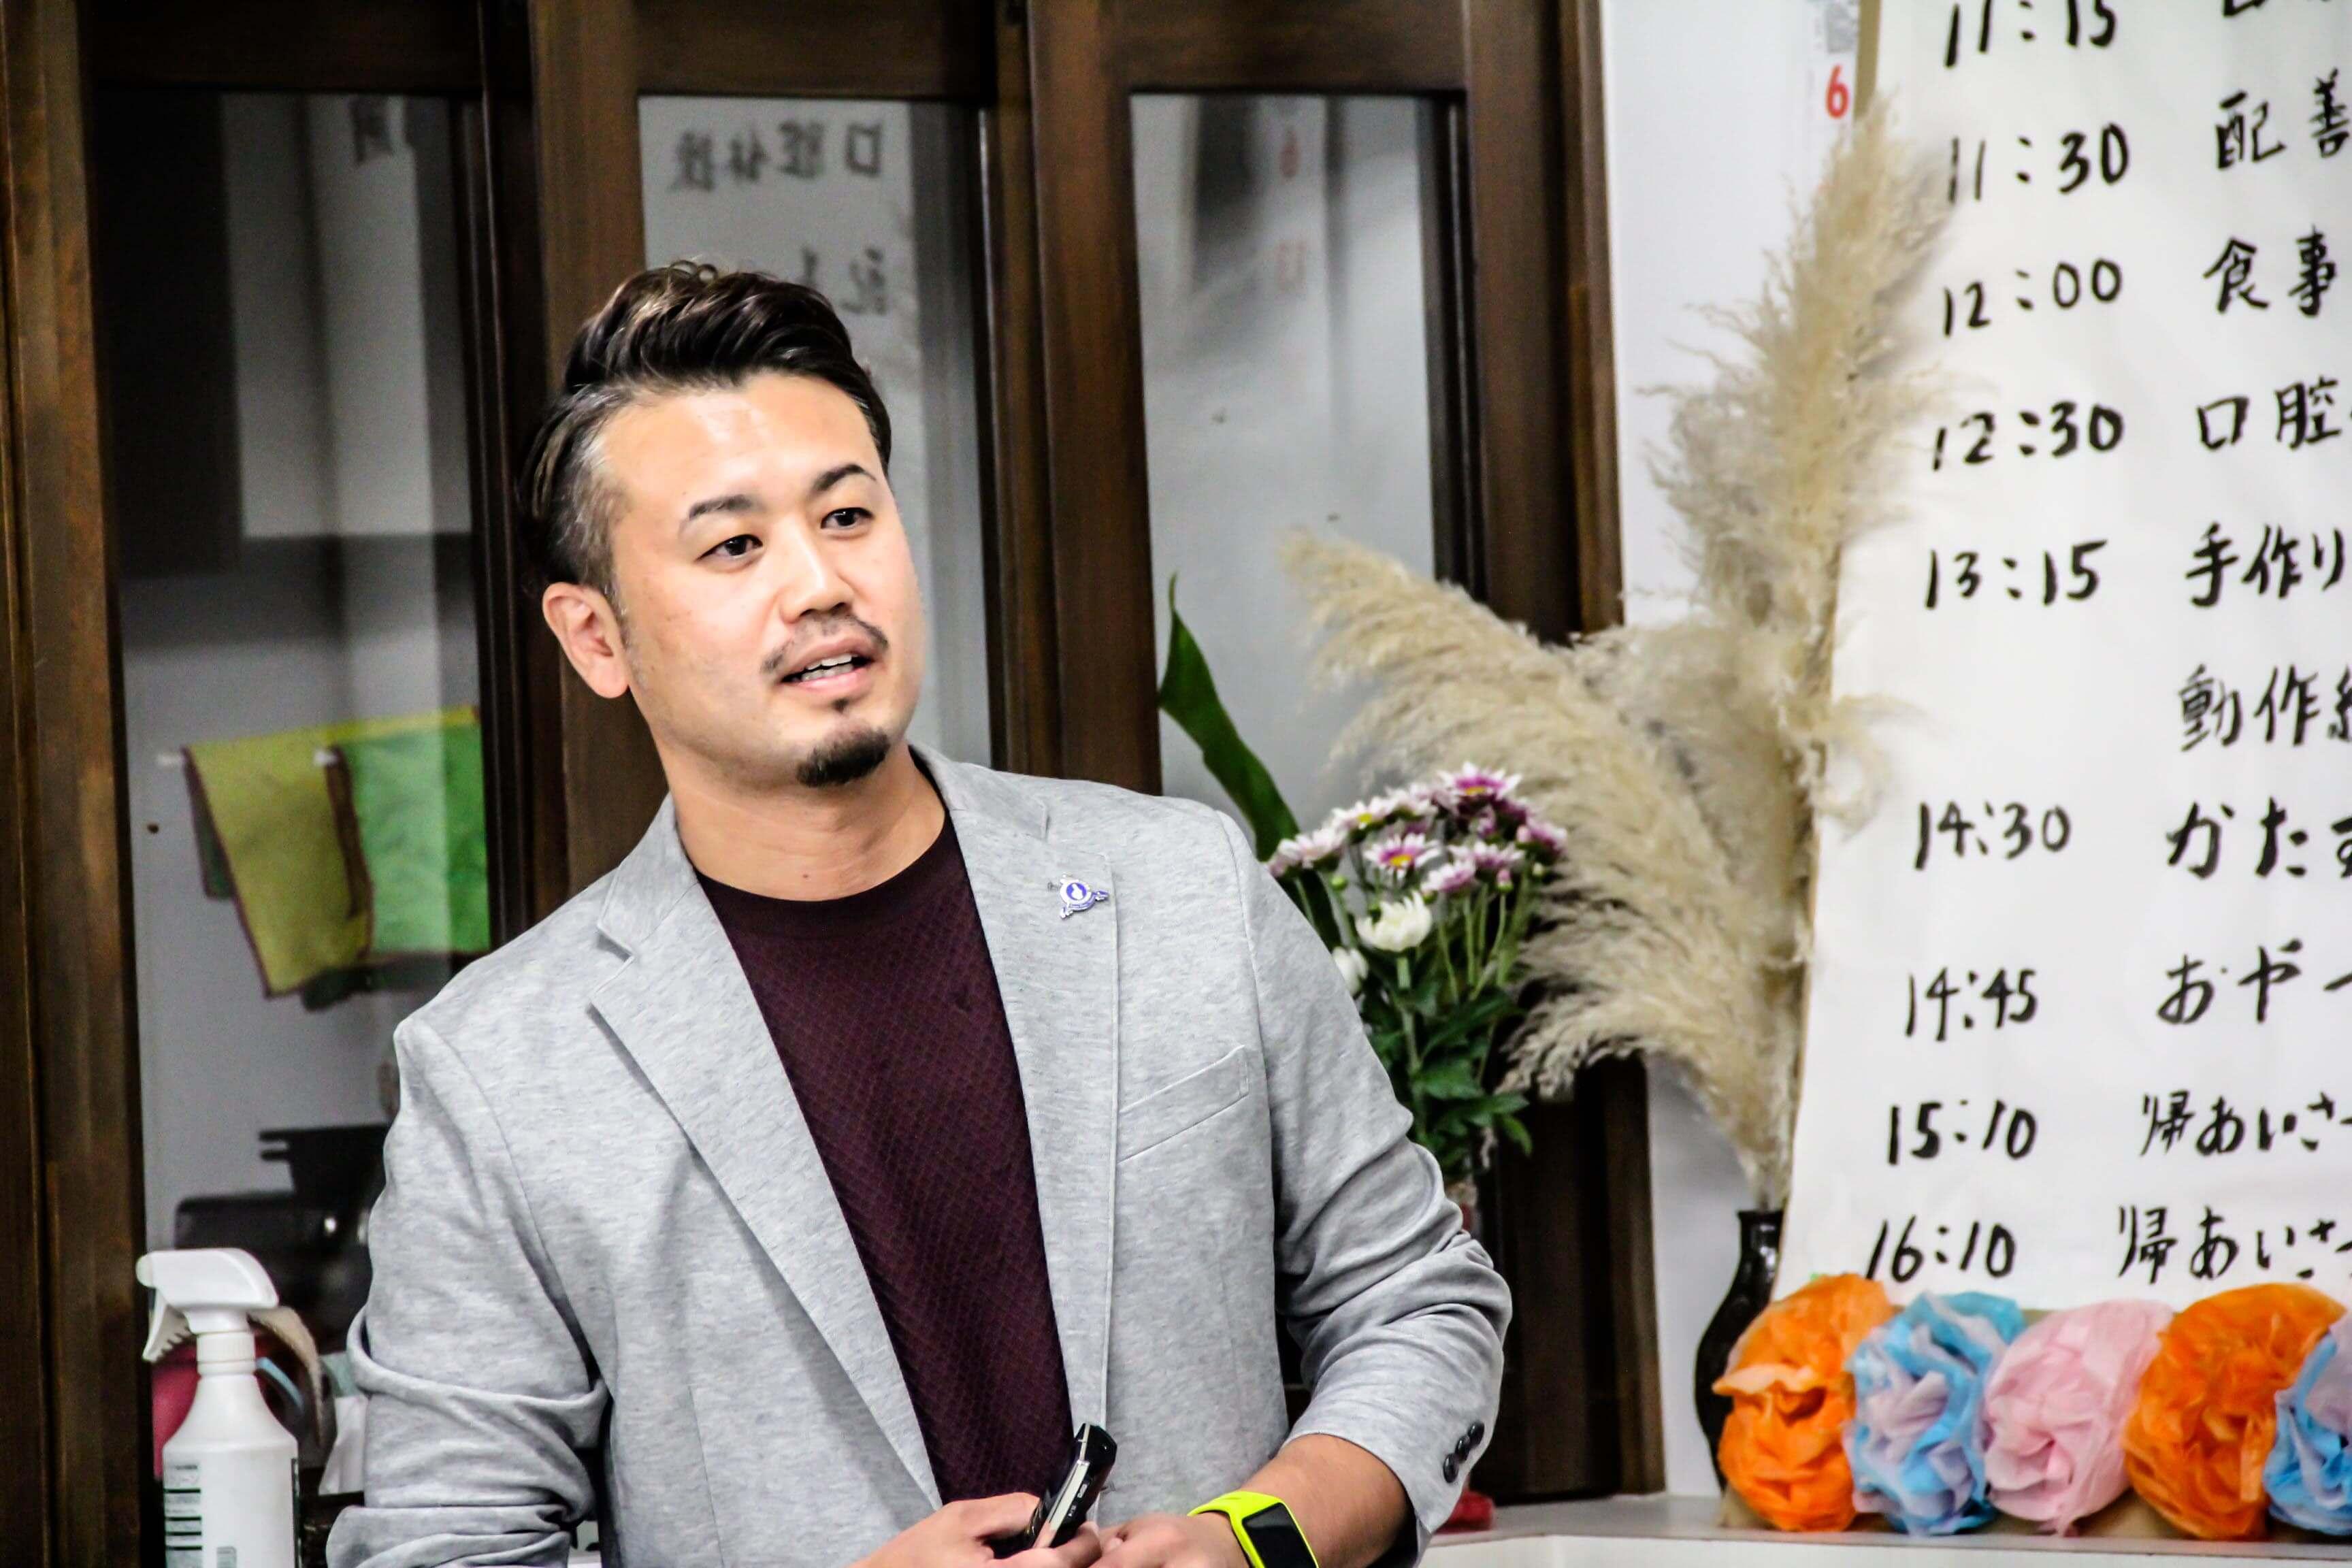 SBT 講師 塚本吉弘